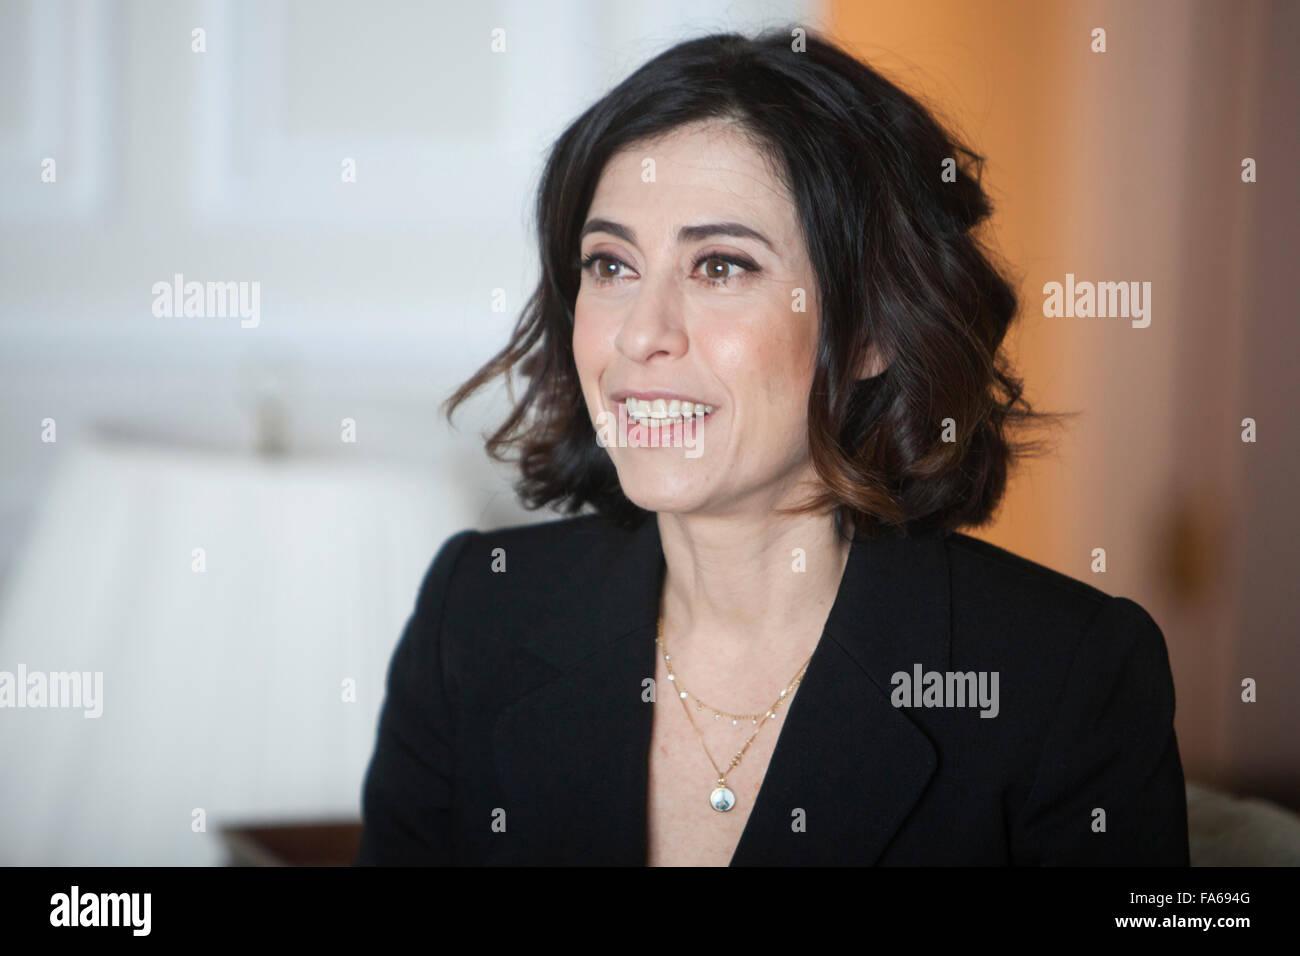 Brasilianische Schauspielerin Fernanda Torres in einem Interview. Stockbild